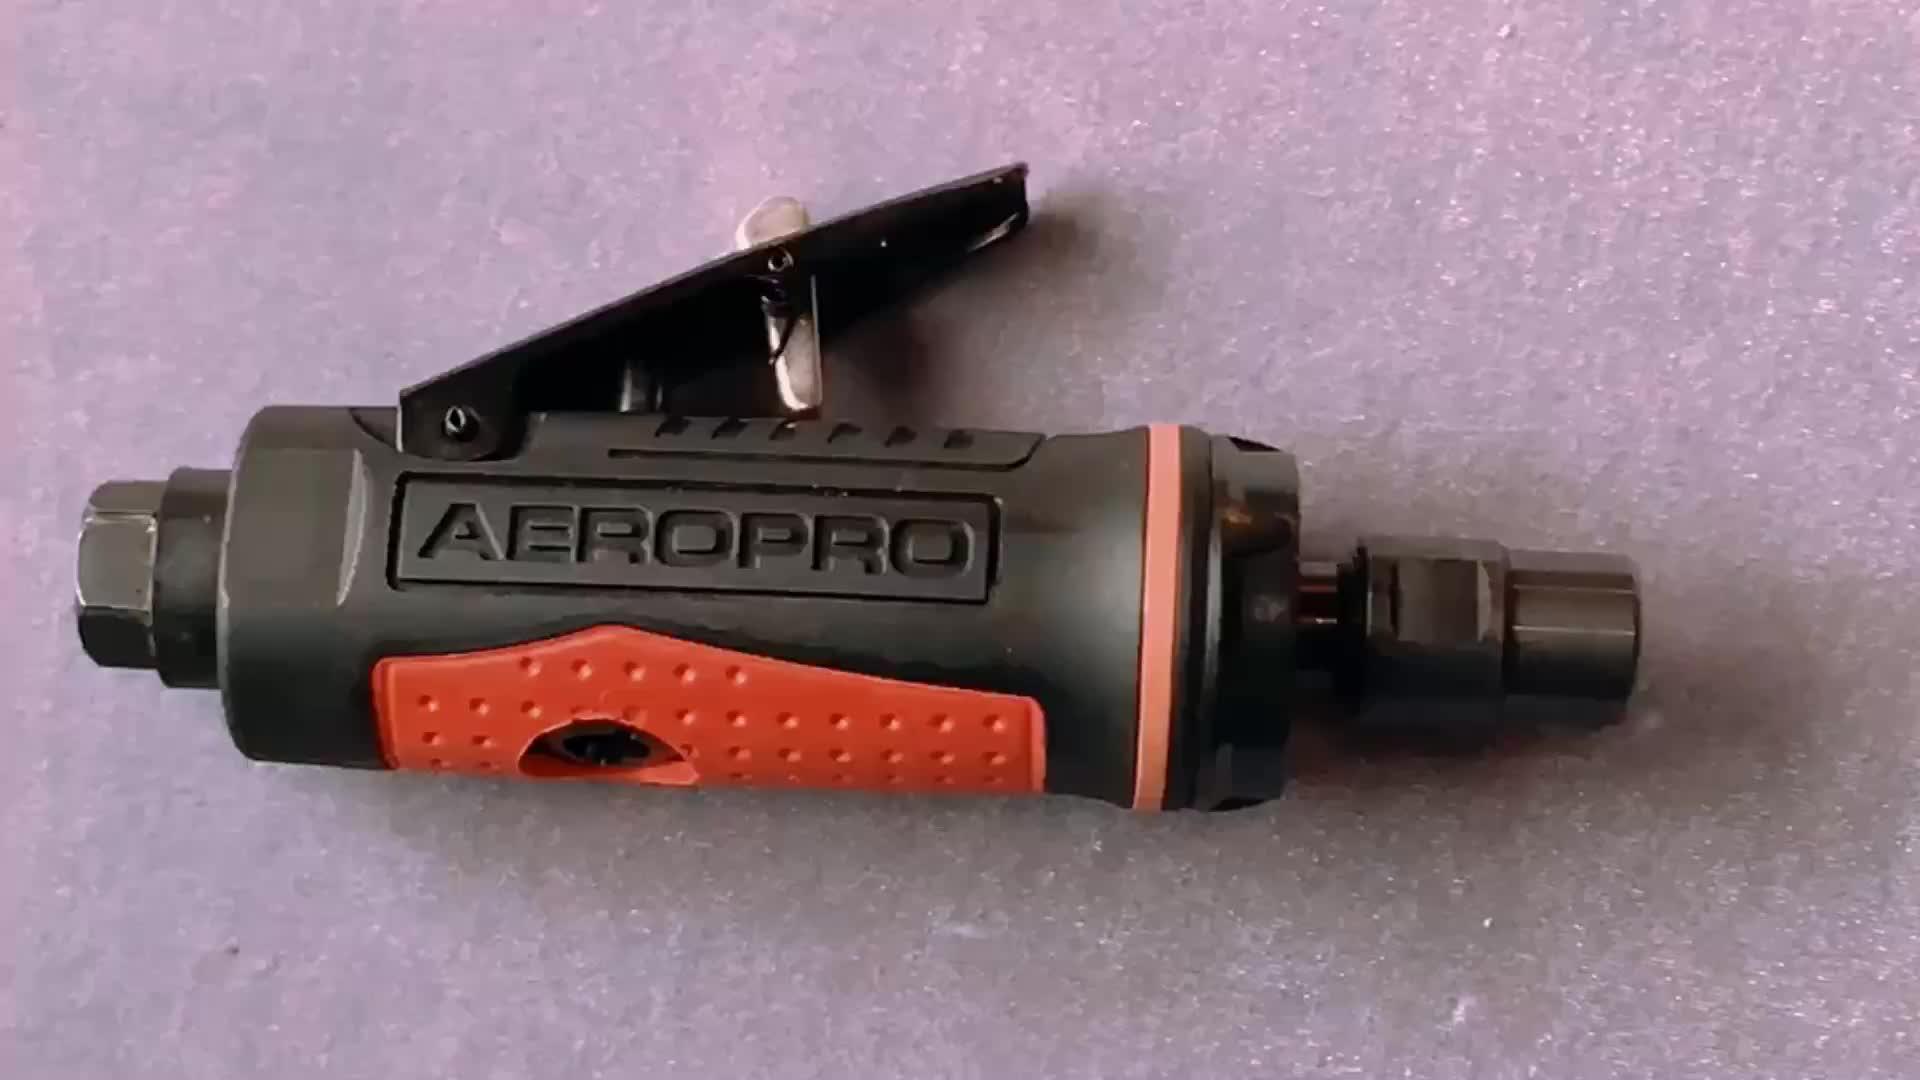 AEROPRO Heavy Duty Hohe Qualität AP7871 71 Stück Air Tool Kit Luft-schlagschrauber Die Grinder Ratsche Luft Hammer